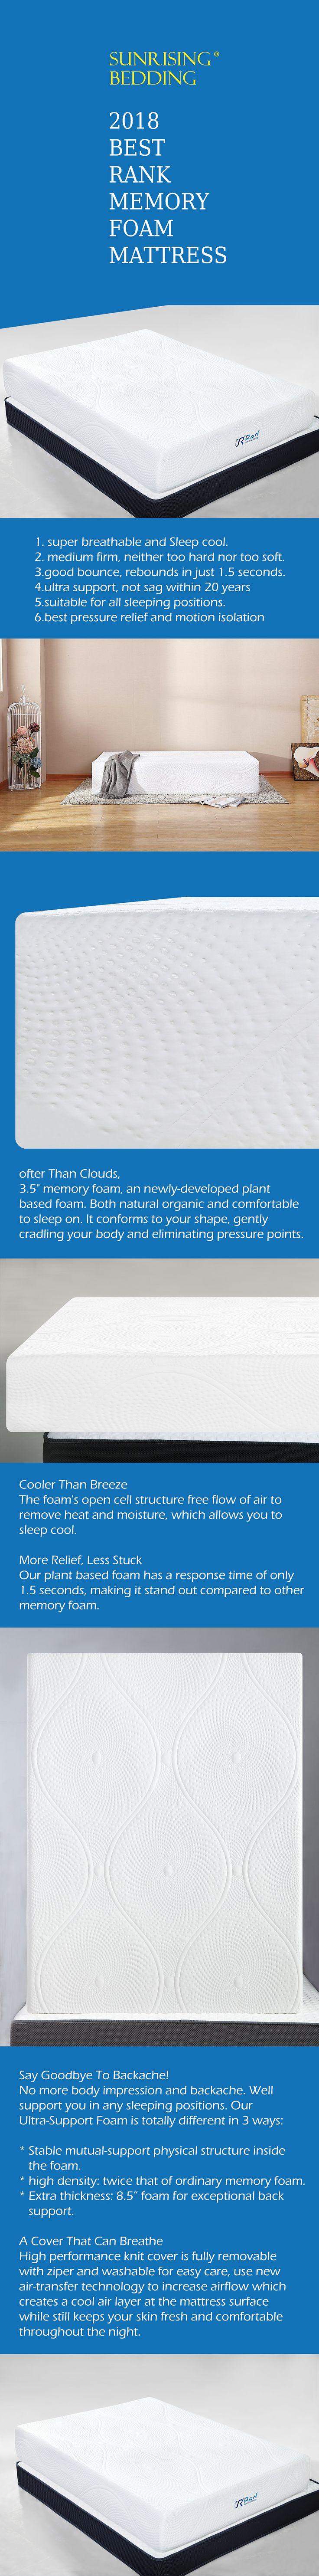 12 inch memory foam mattress sleeps on cloud supportive with certipurus certified foam